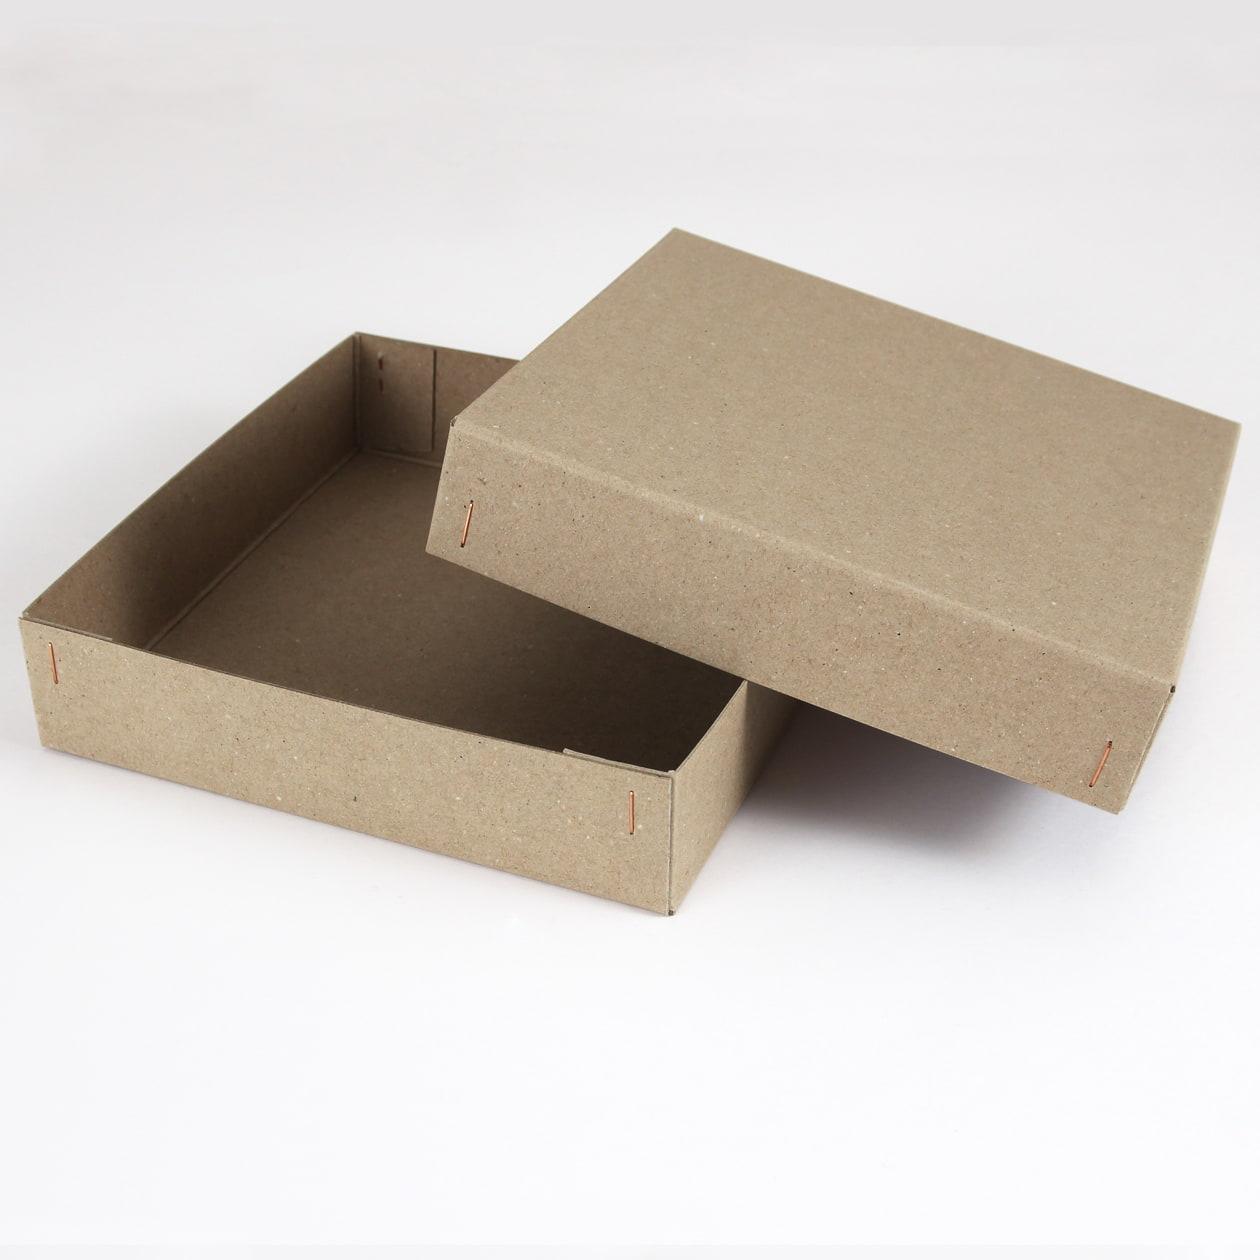 サンプル 箱(ホッチキスどめ) 00059